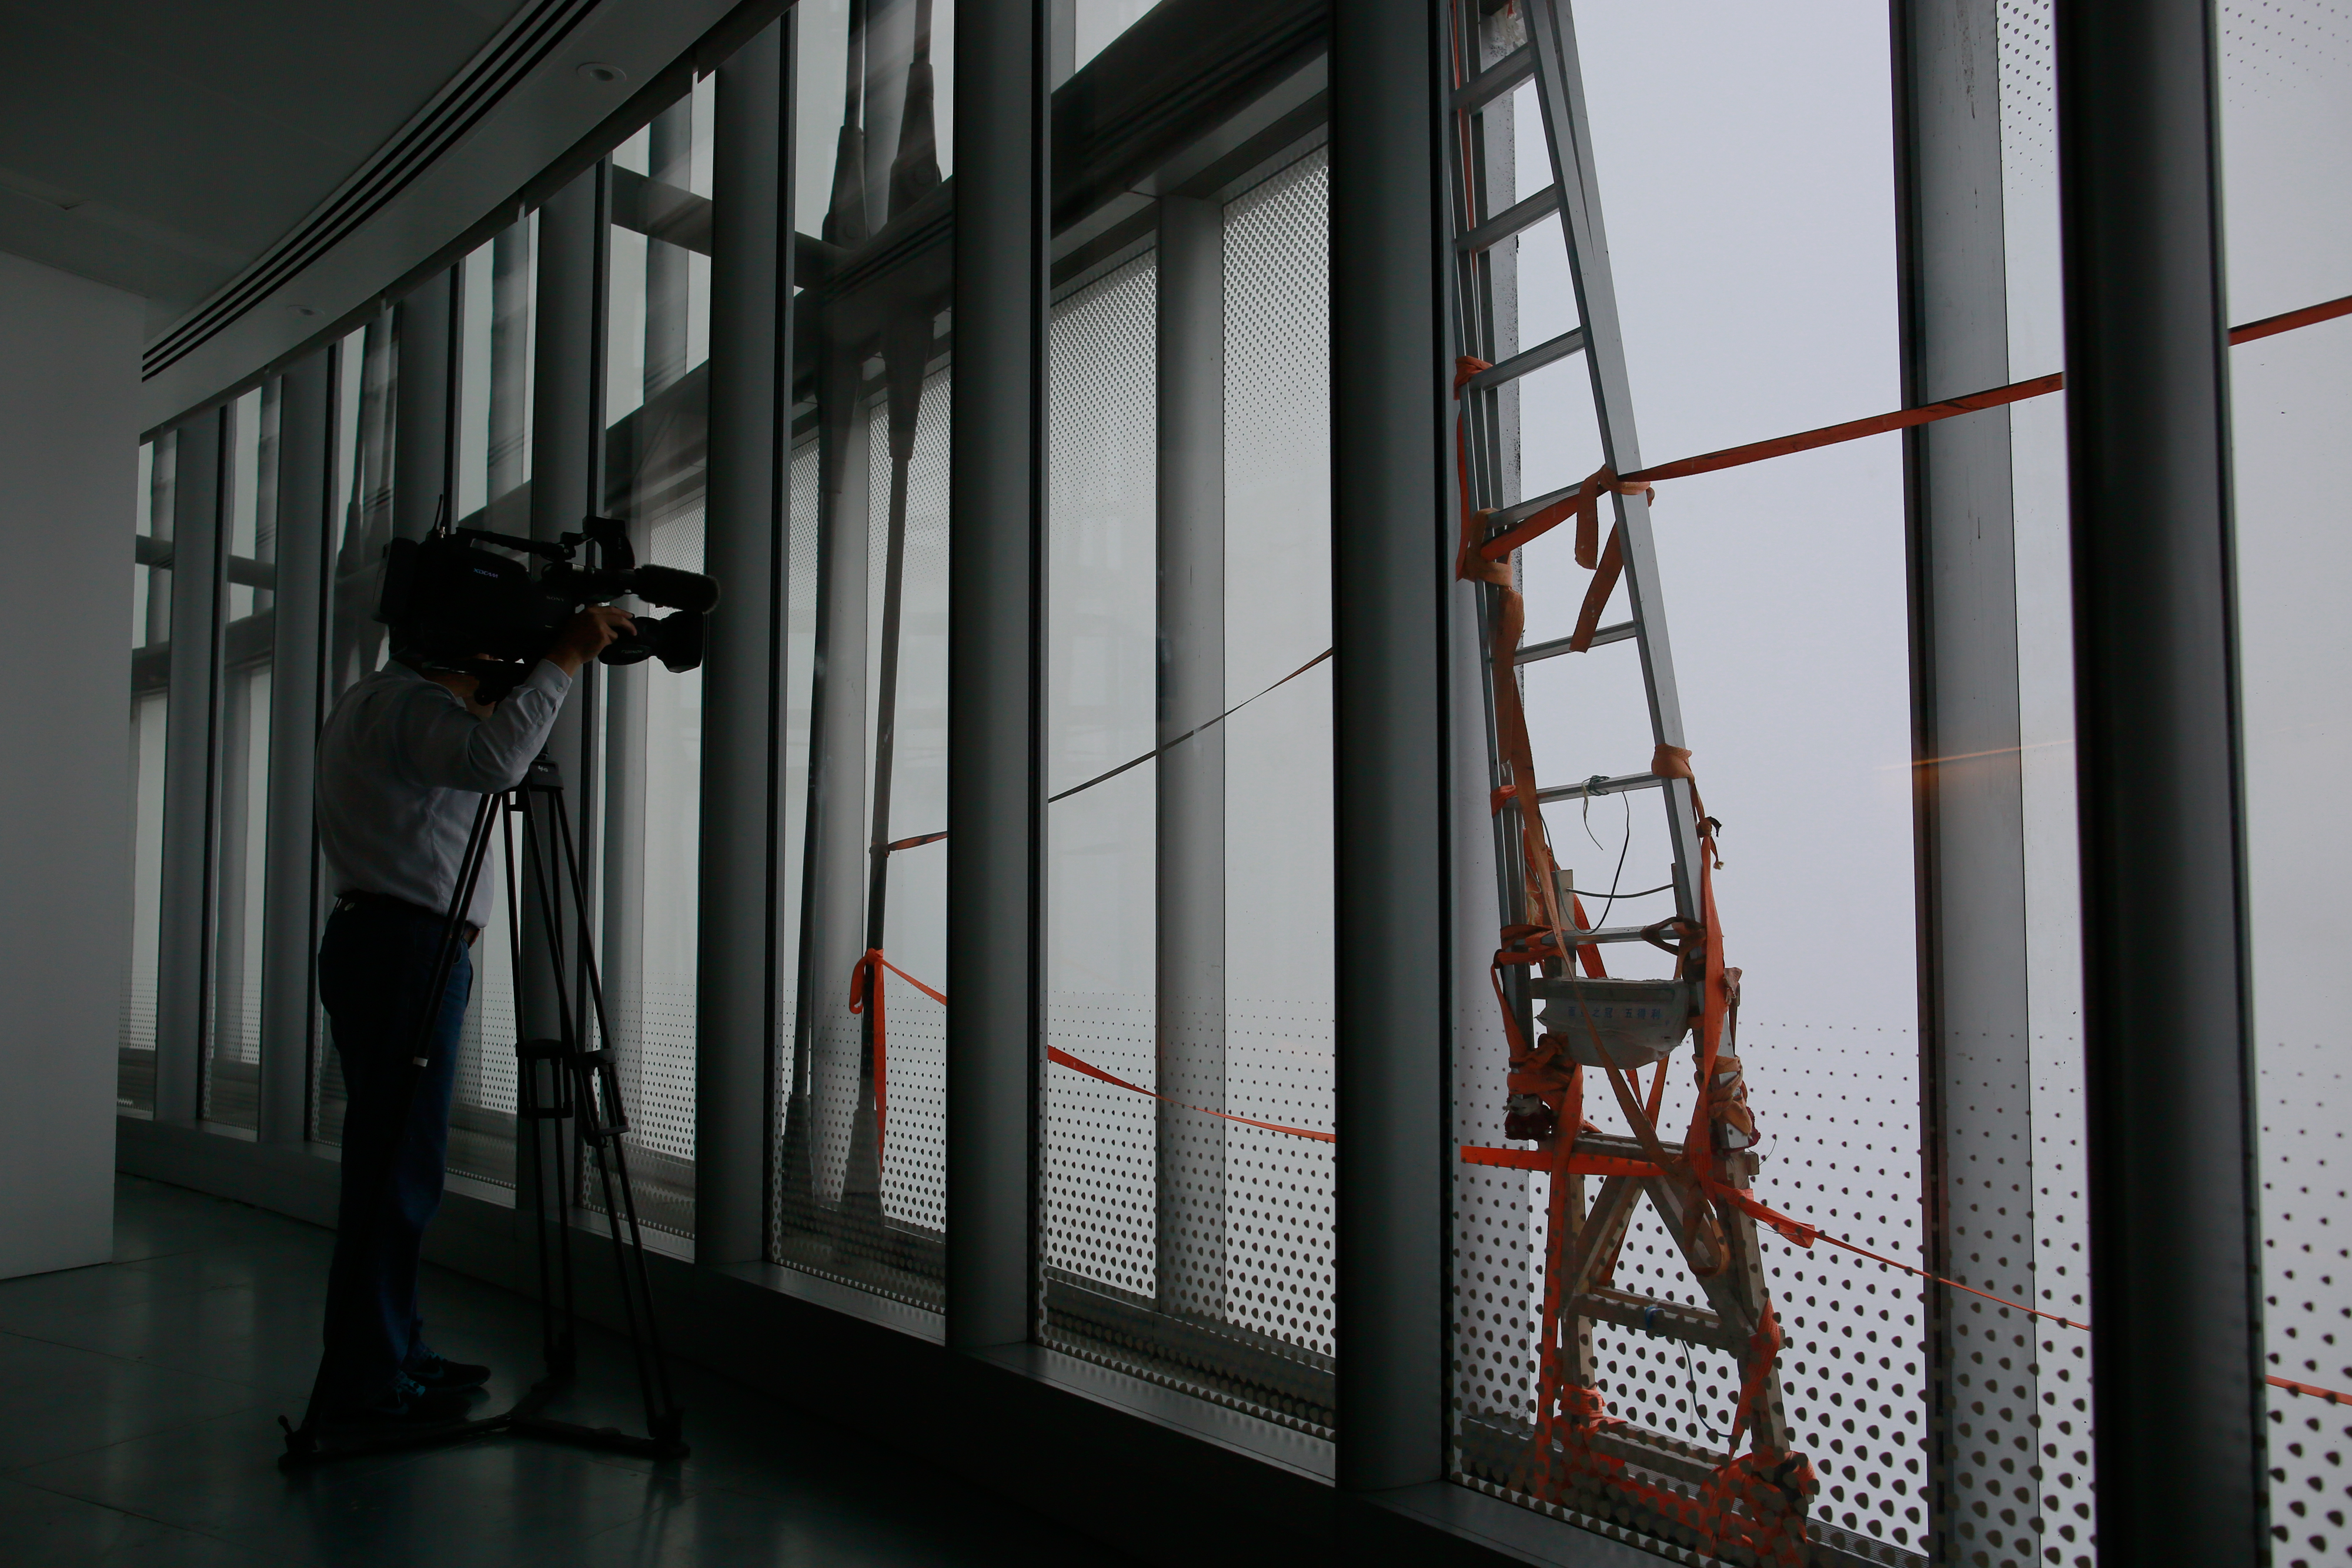 英语翻译_双语新闻:中国第一高楼一扇窗户坠落_沪江